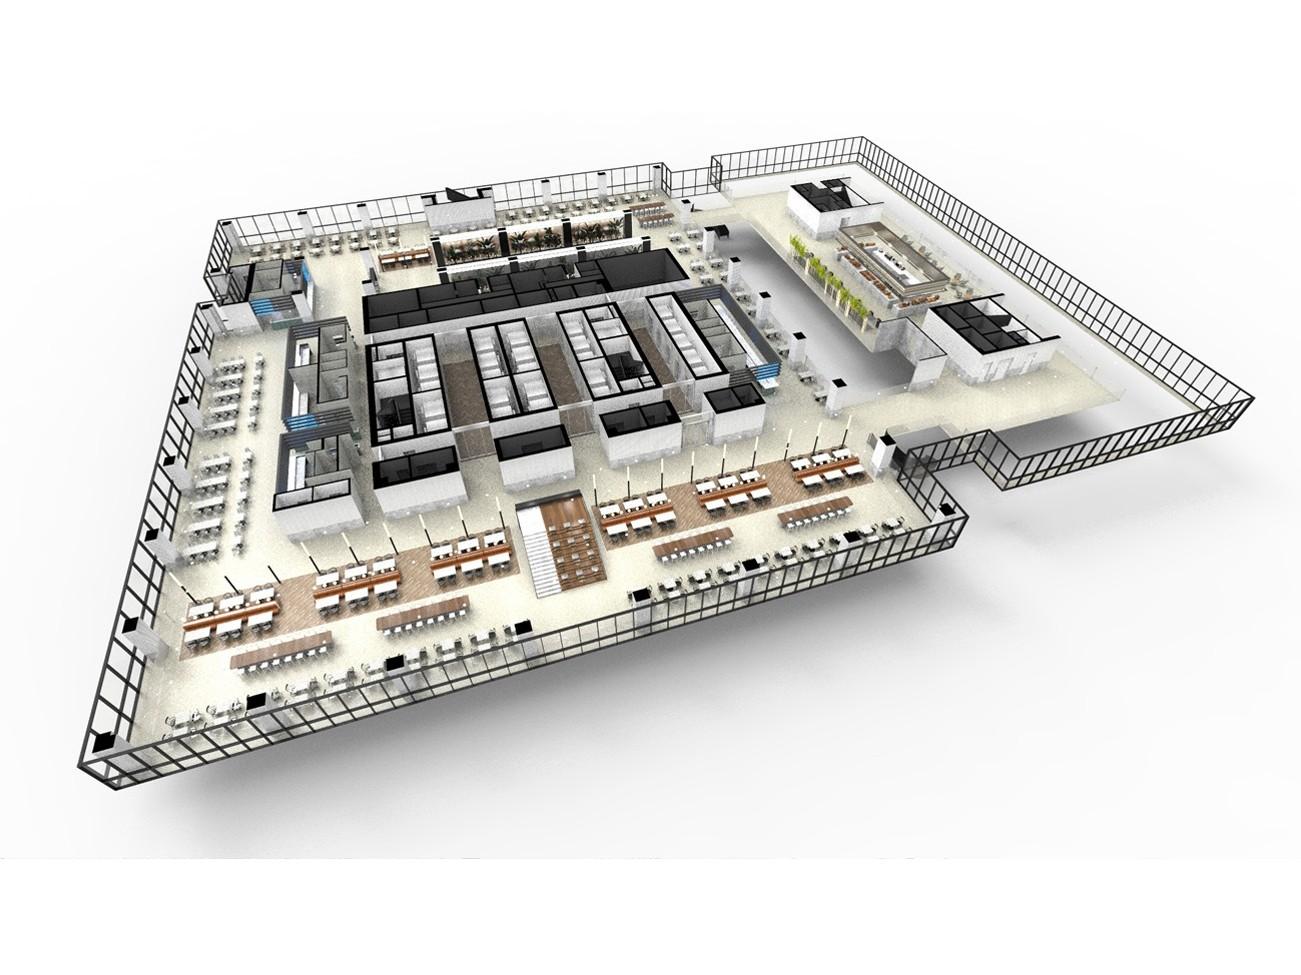 인테리어 디자인, 3D모델링 및 투시도 시안 작업해 드립니다.